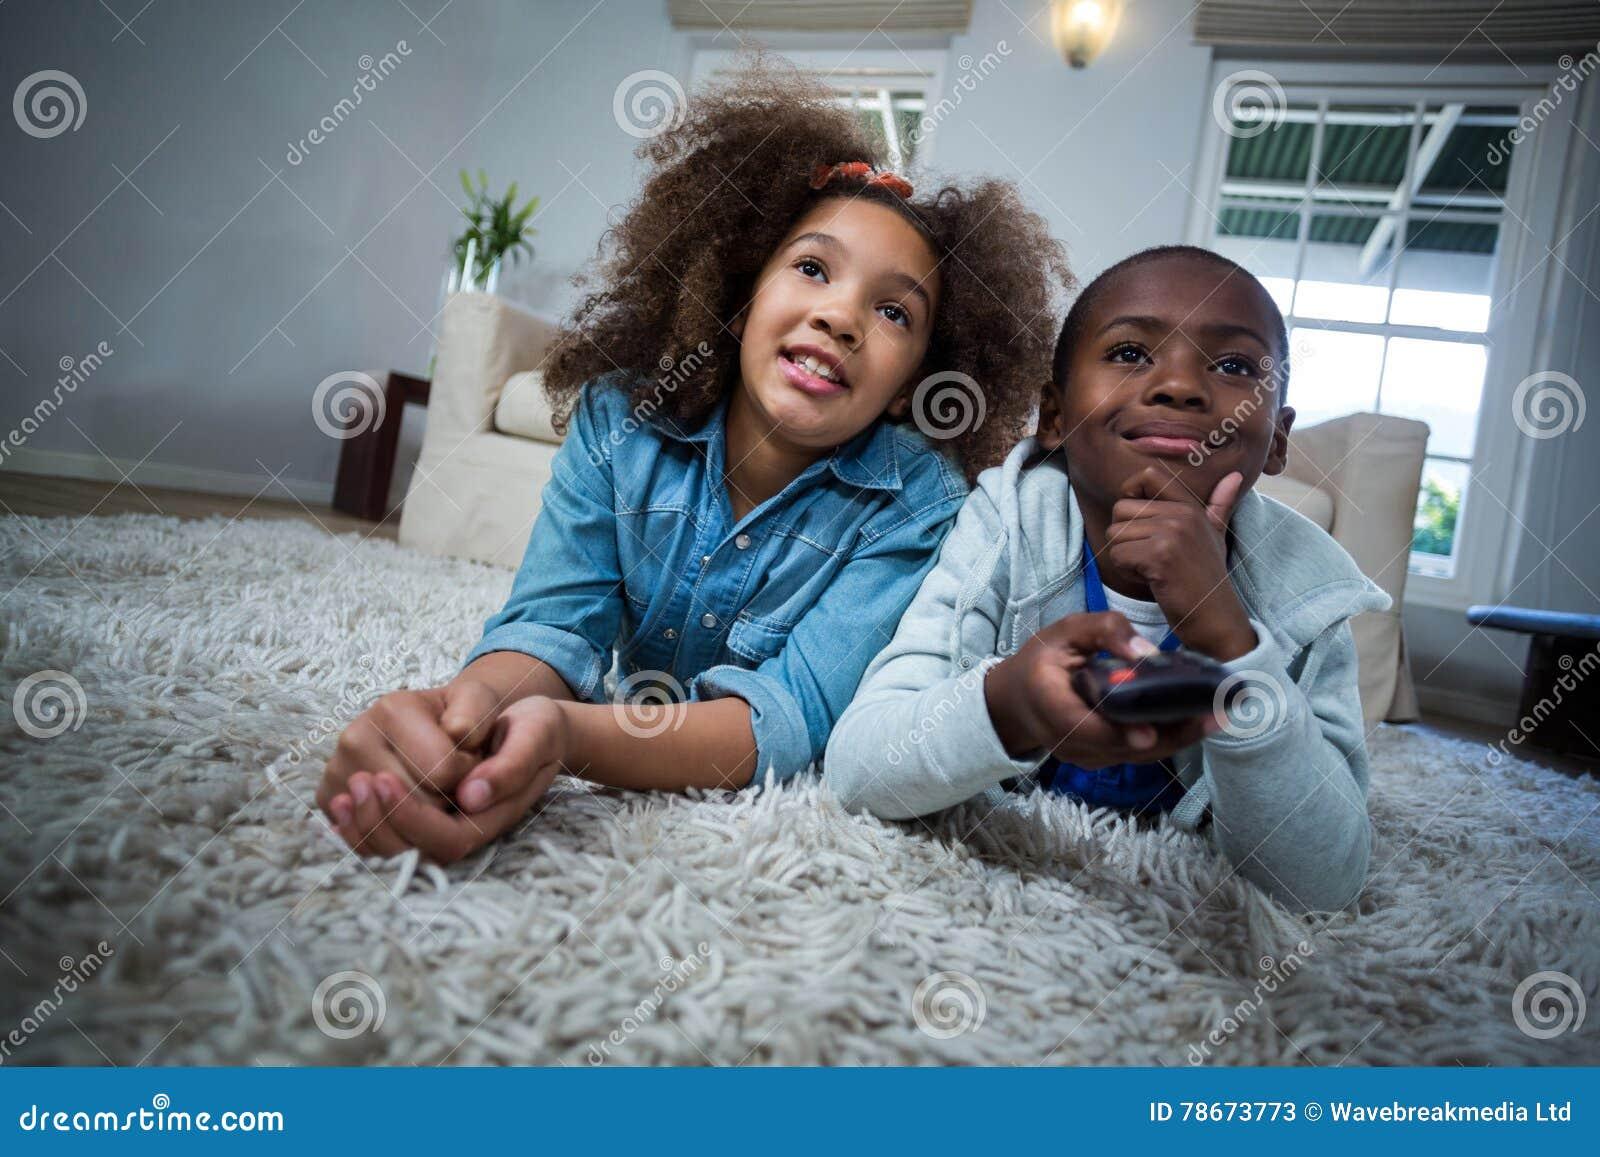 Kinder Die Direktubertragung Beim Lugen Auf Dem Boden Halten